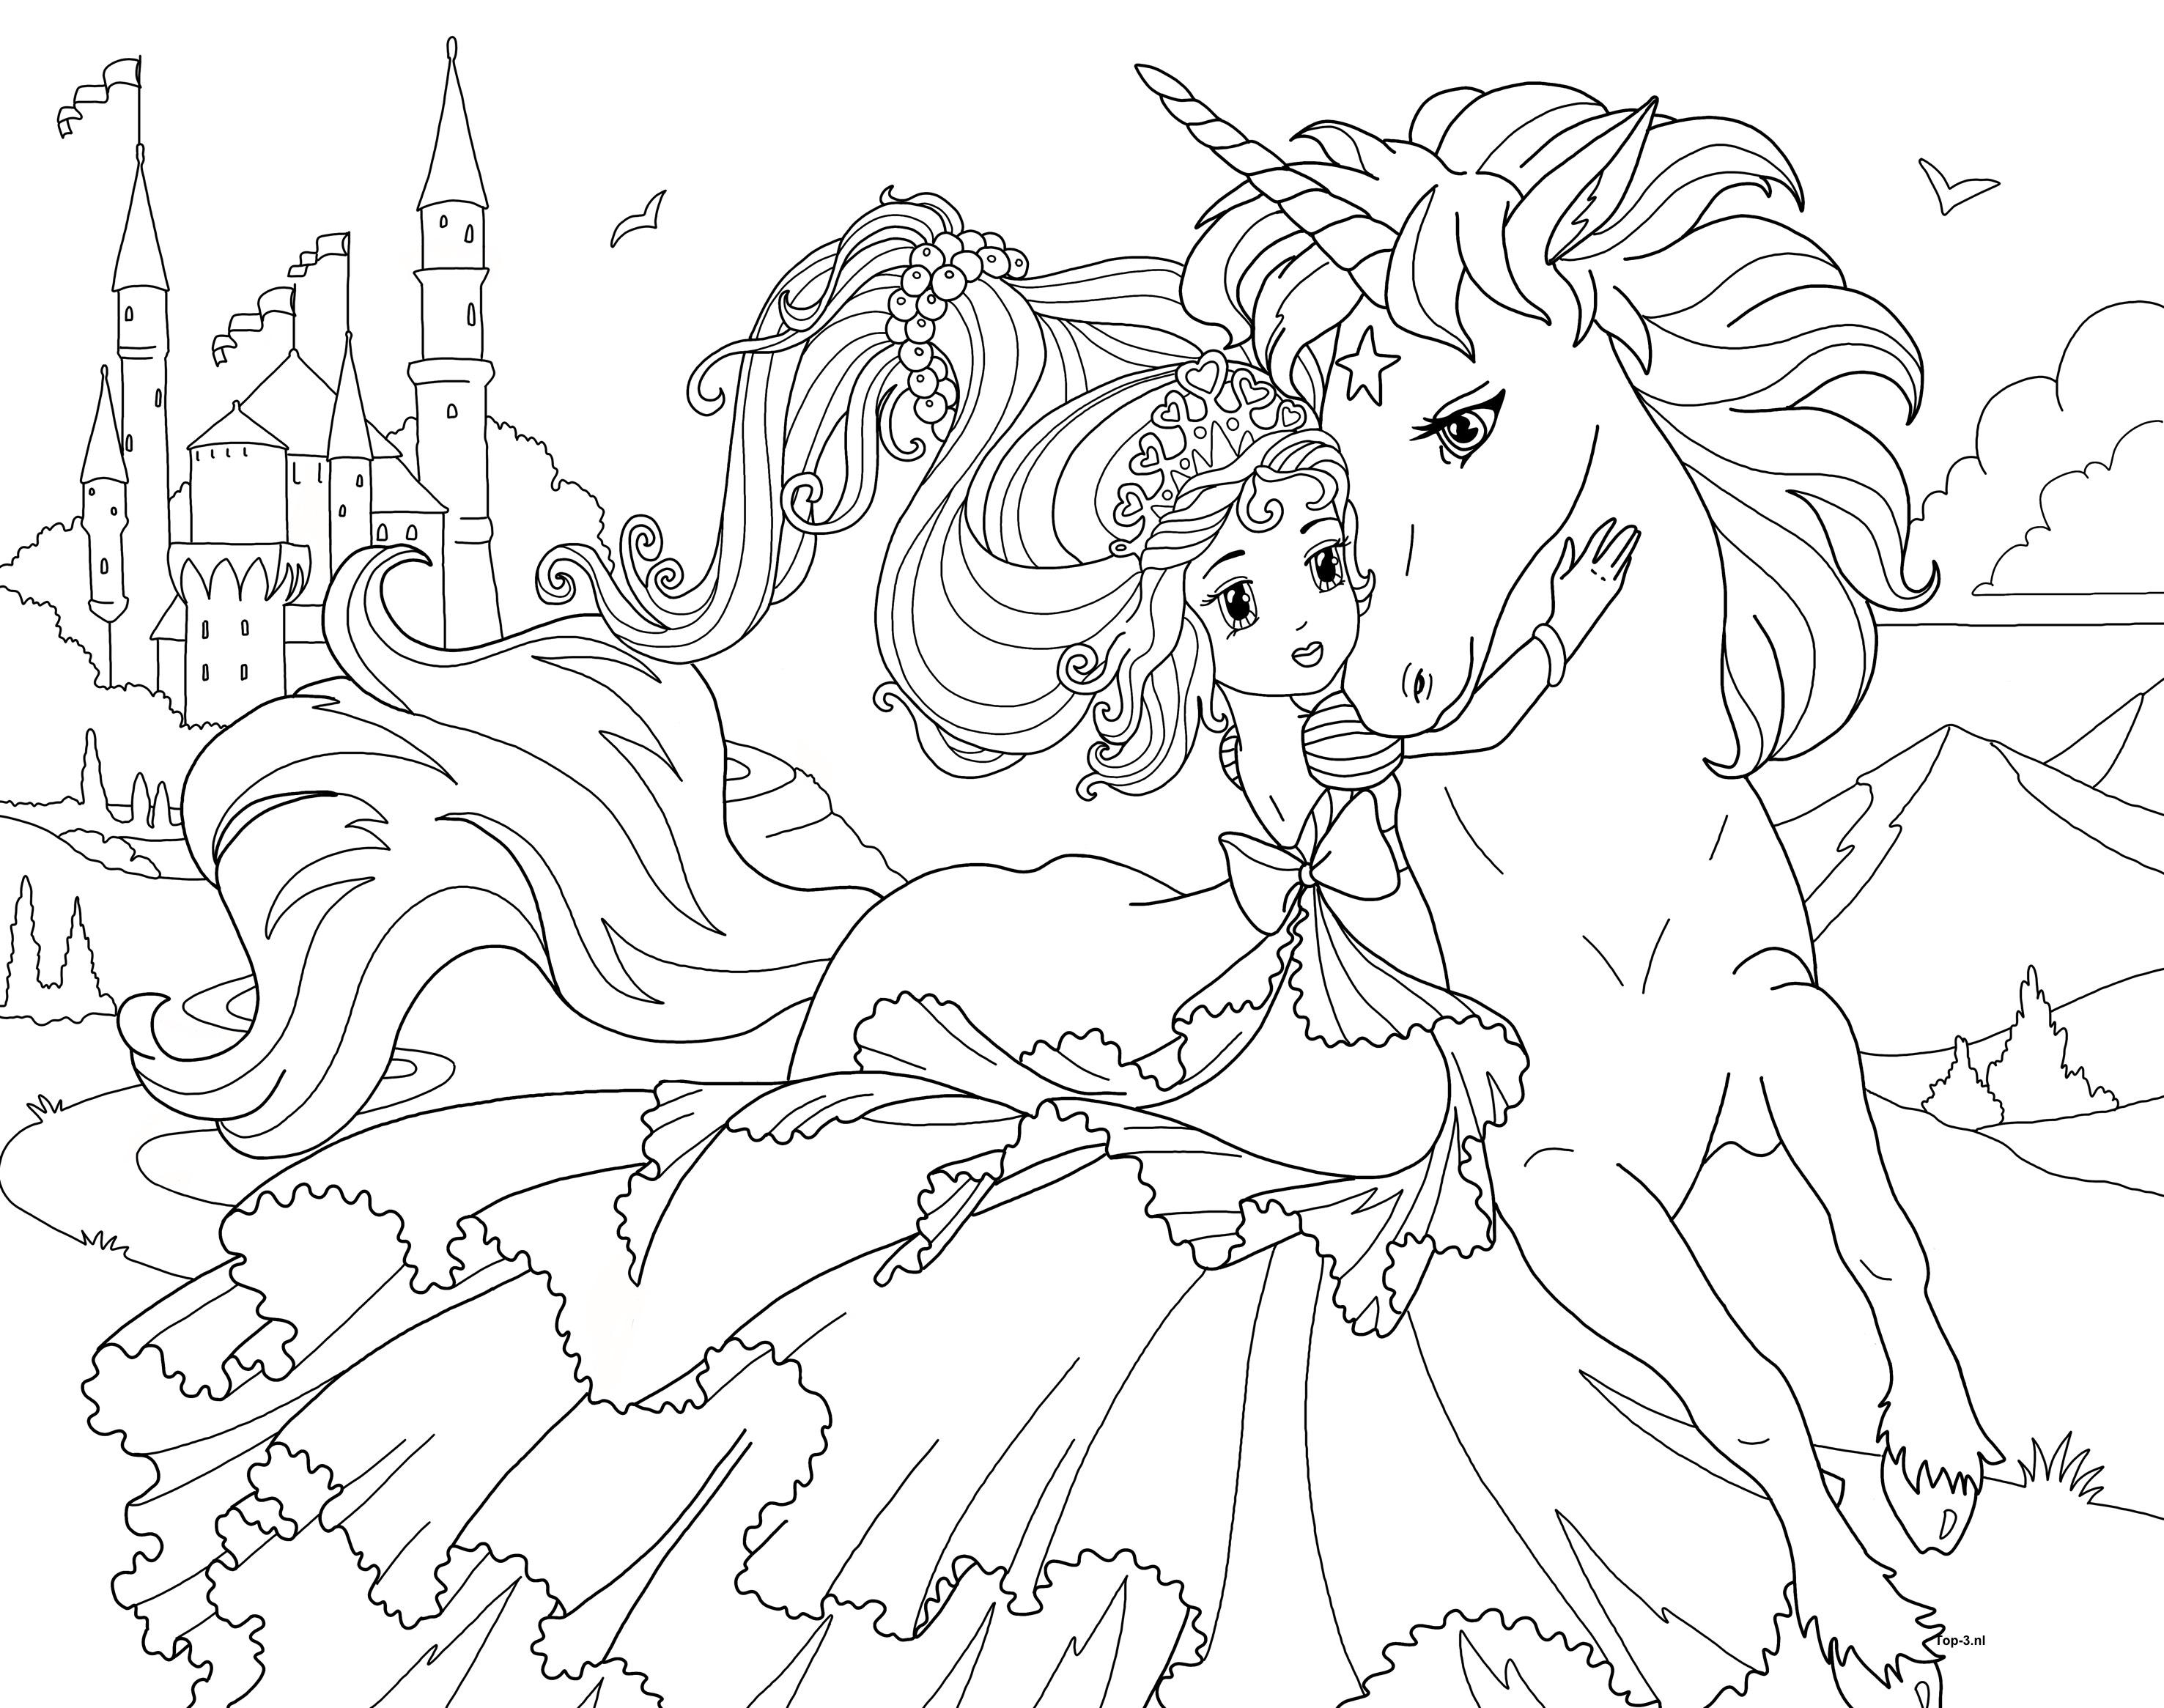 kleurplaten prinses sprookjes zeemeermin top 3 kado